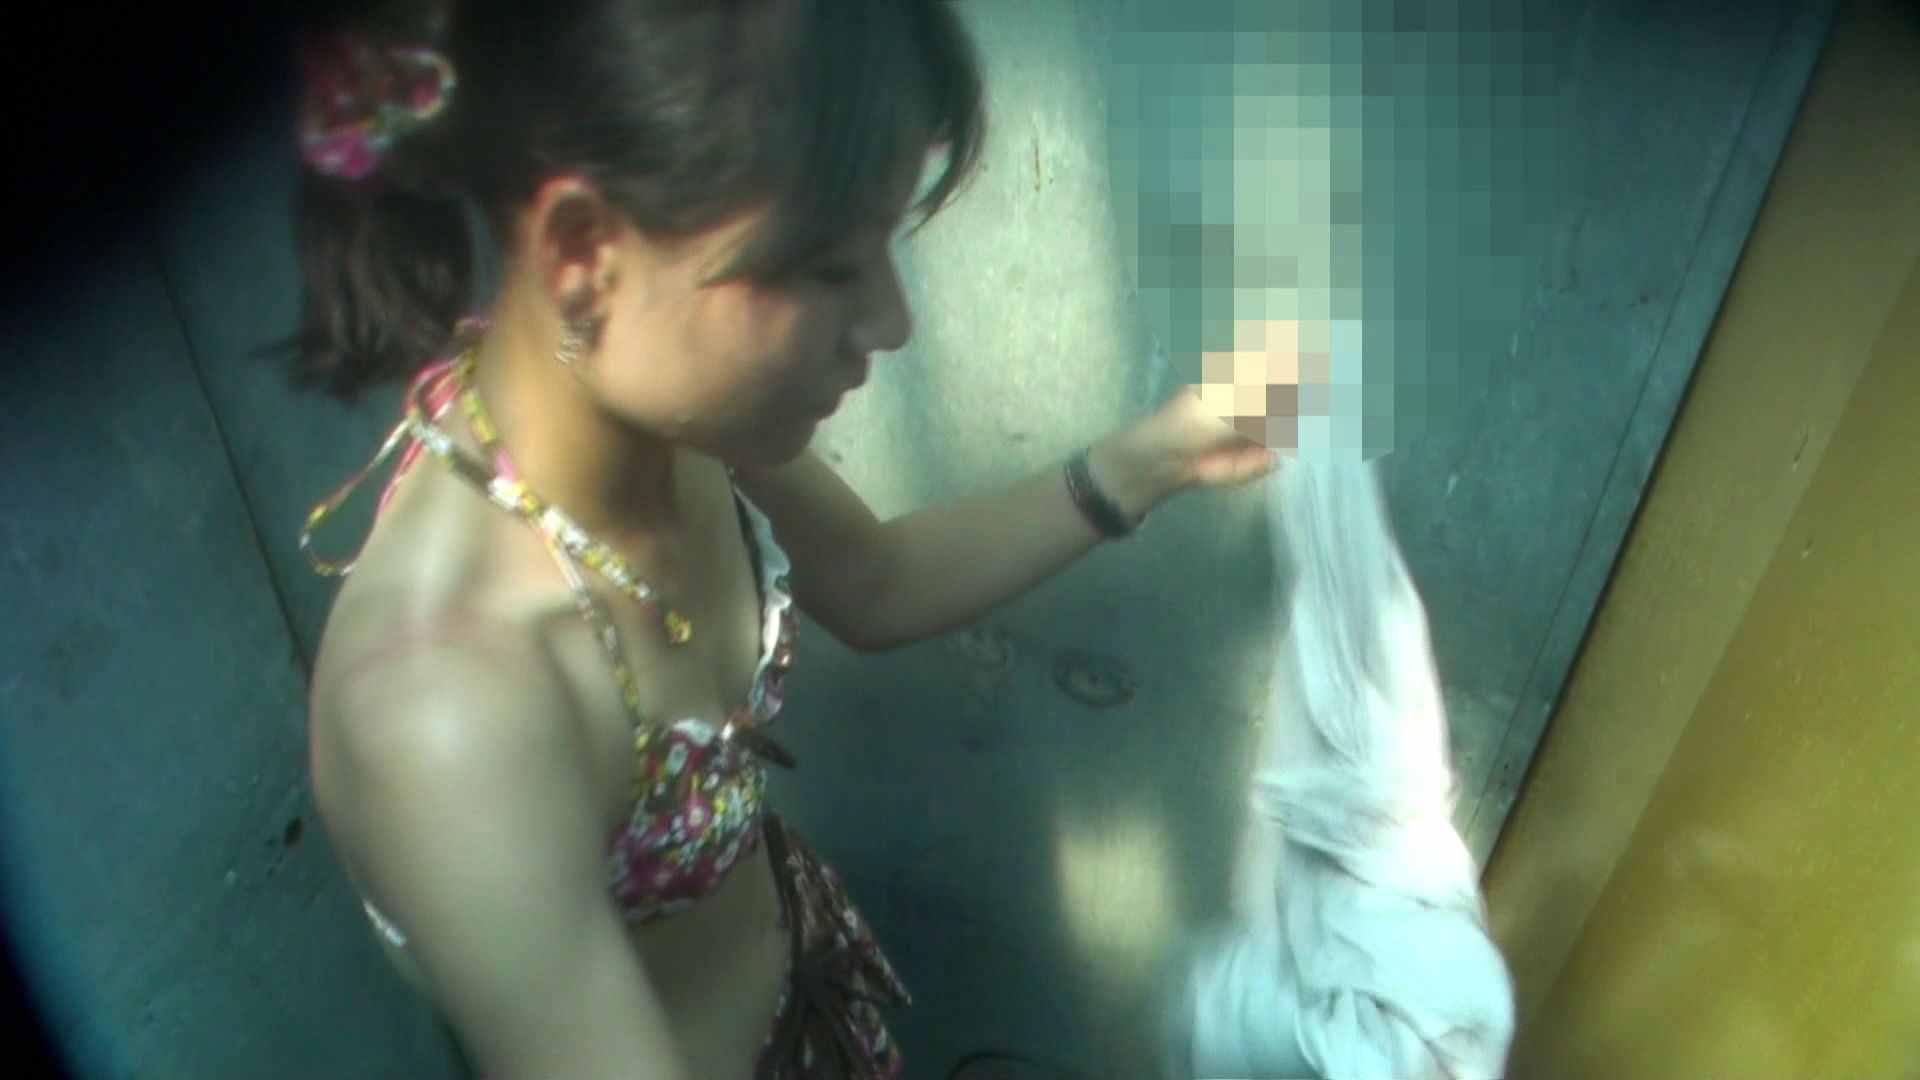 シャワールームは超!!危険な香りVol.16 意外に乳首は年増のそれ 乳首 おめこ無修正画像 97pic 88